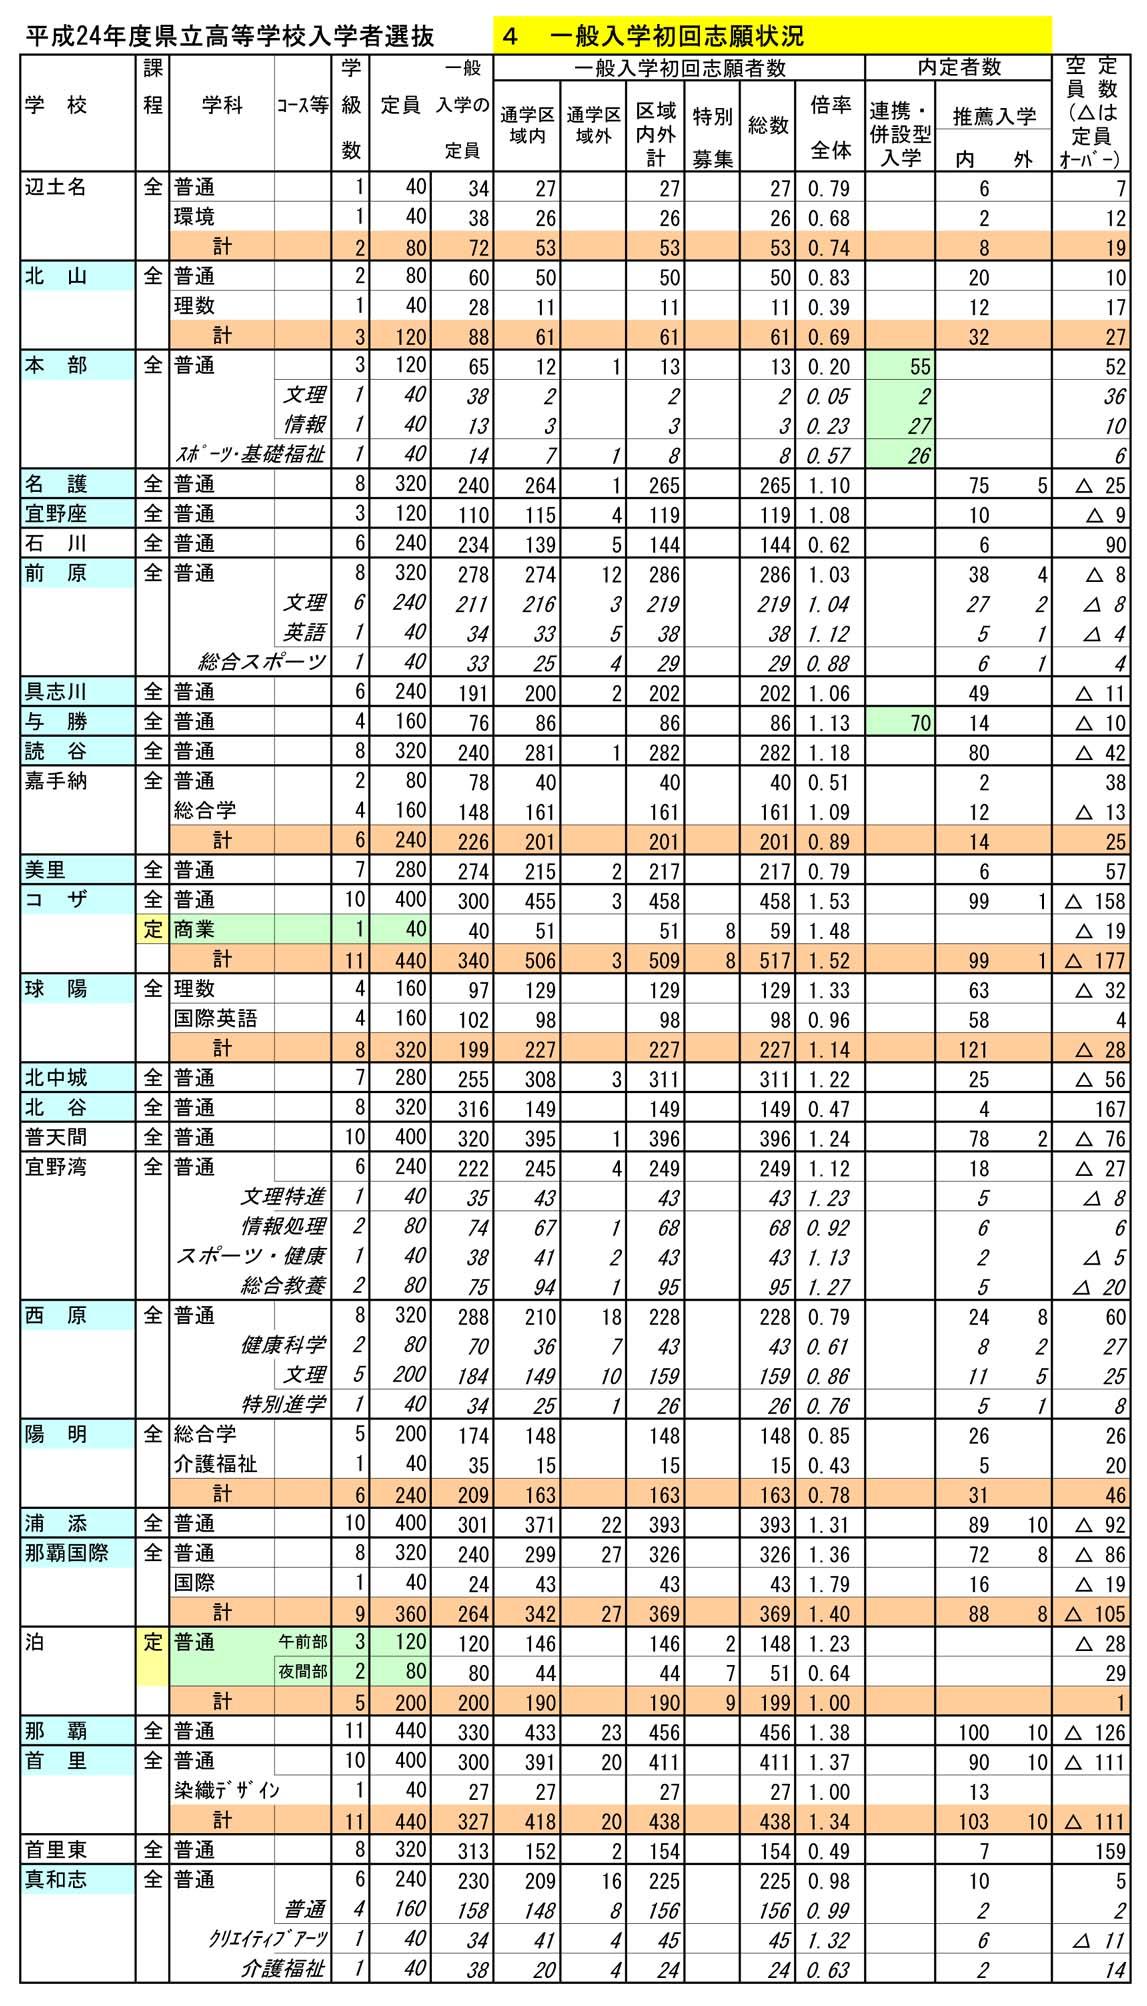 入試 沖縄 県 高校 沖縄県の高校情報(偏差値・評判・入試情報)|みんなの高校情報